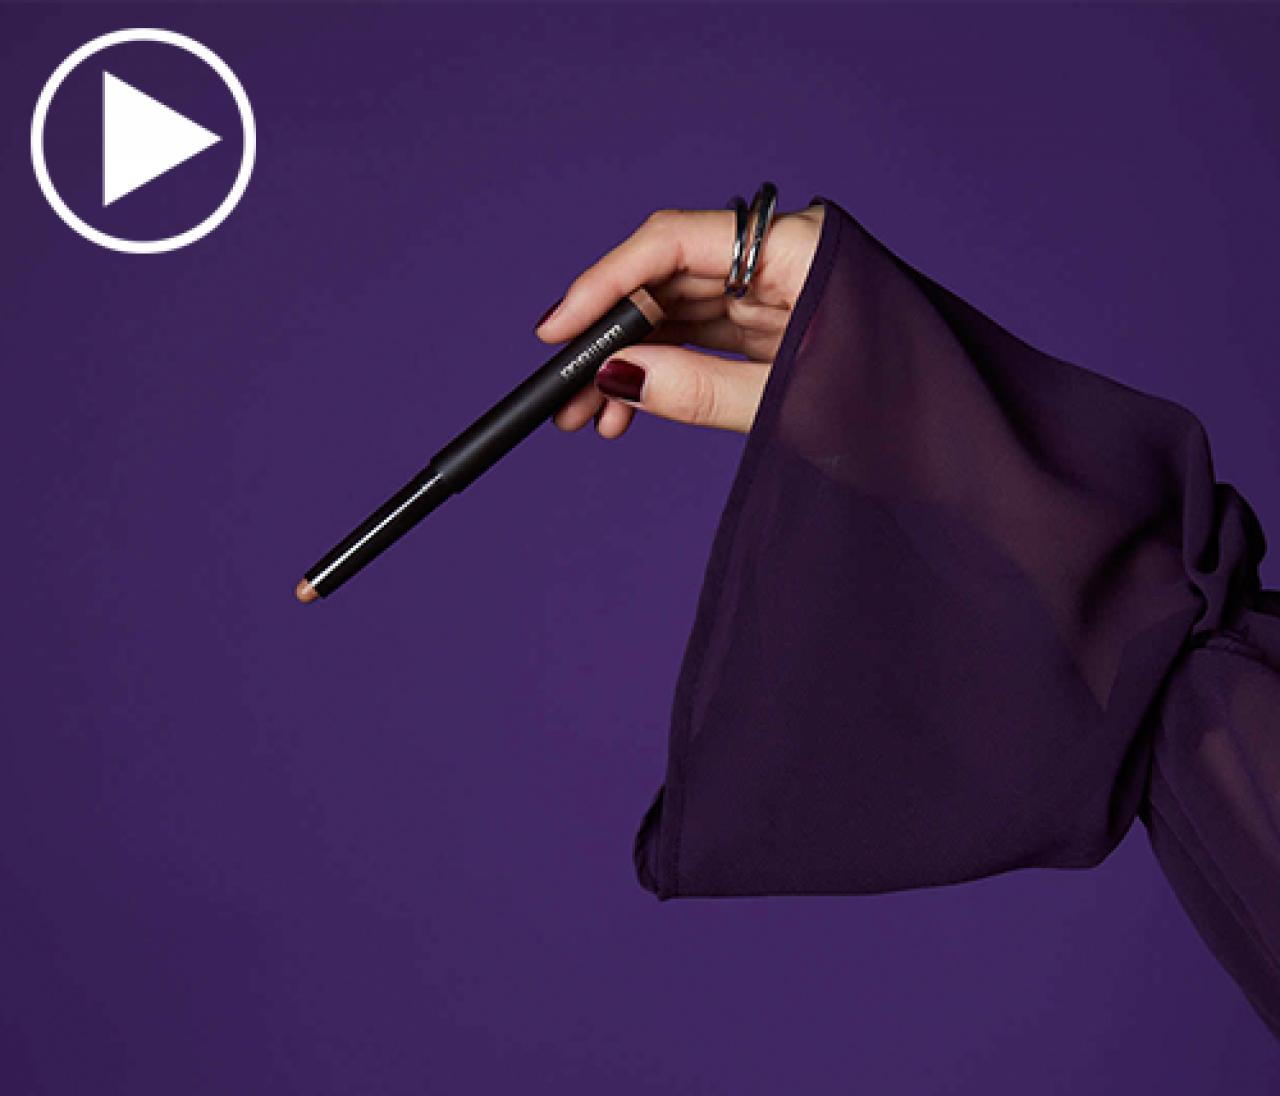 【大人のイガリメイク動画】ハートに強さを宿すマットなキャラメル色のまなざし